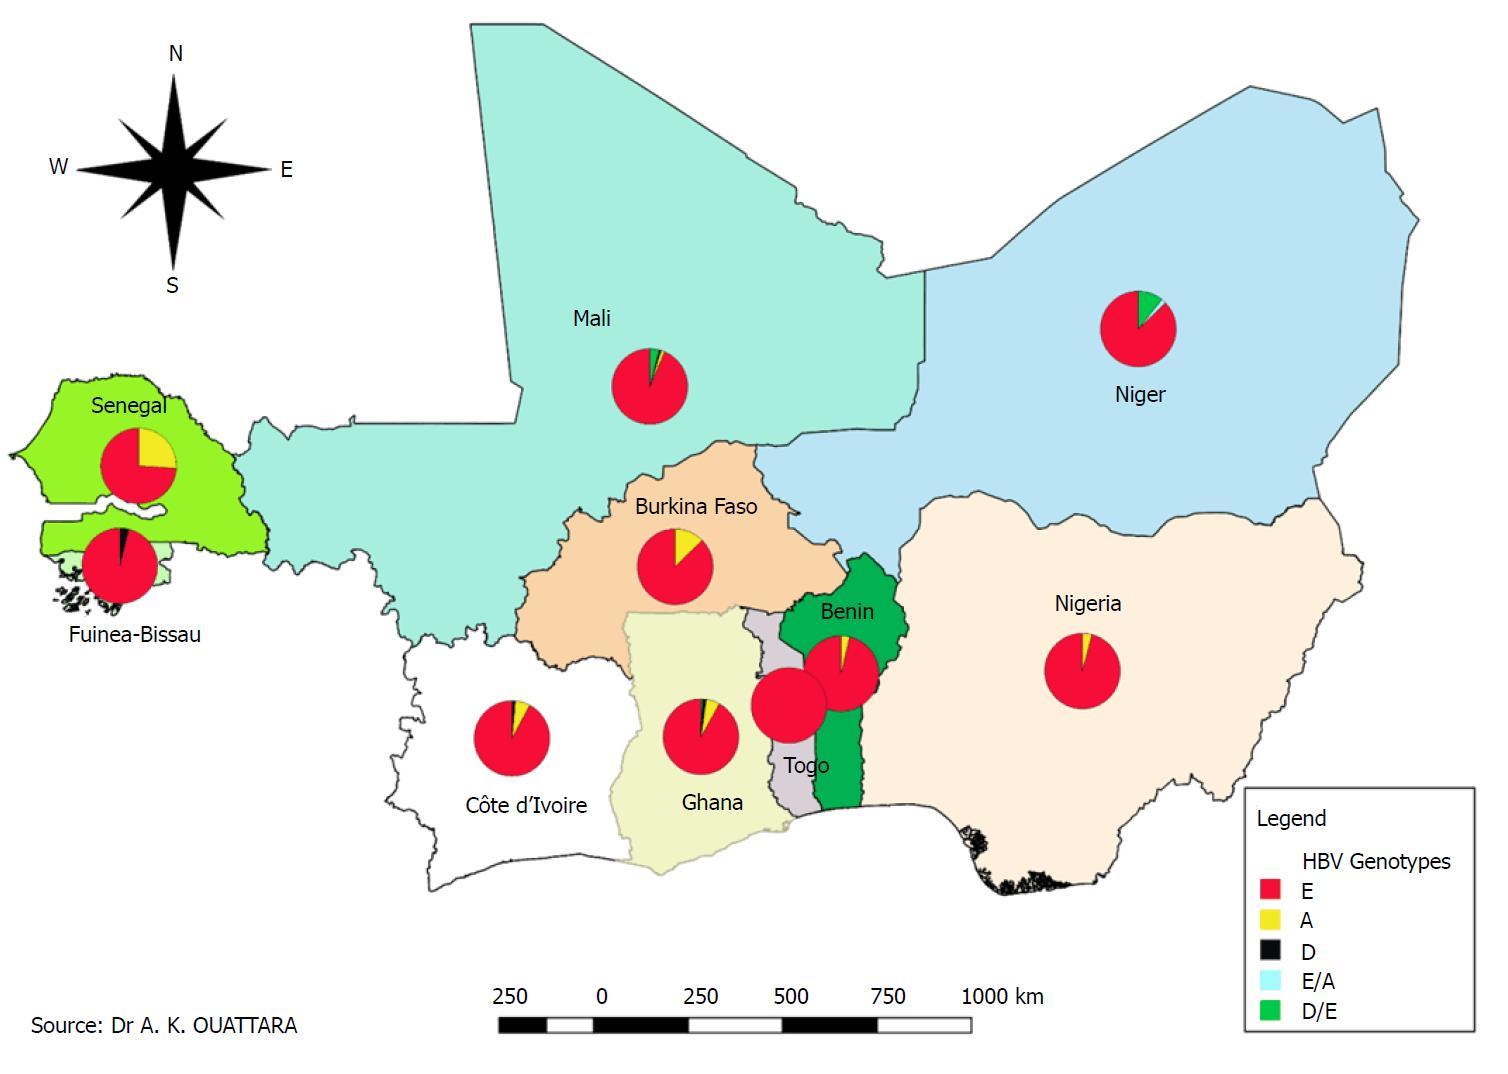 Genetic diversity of hepatitis viruses in West-African countries